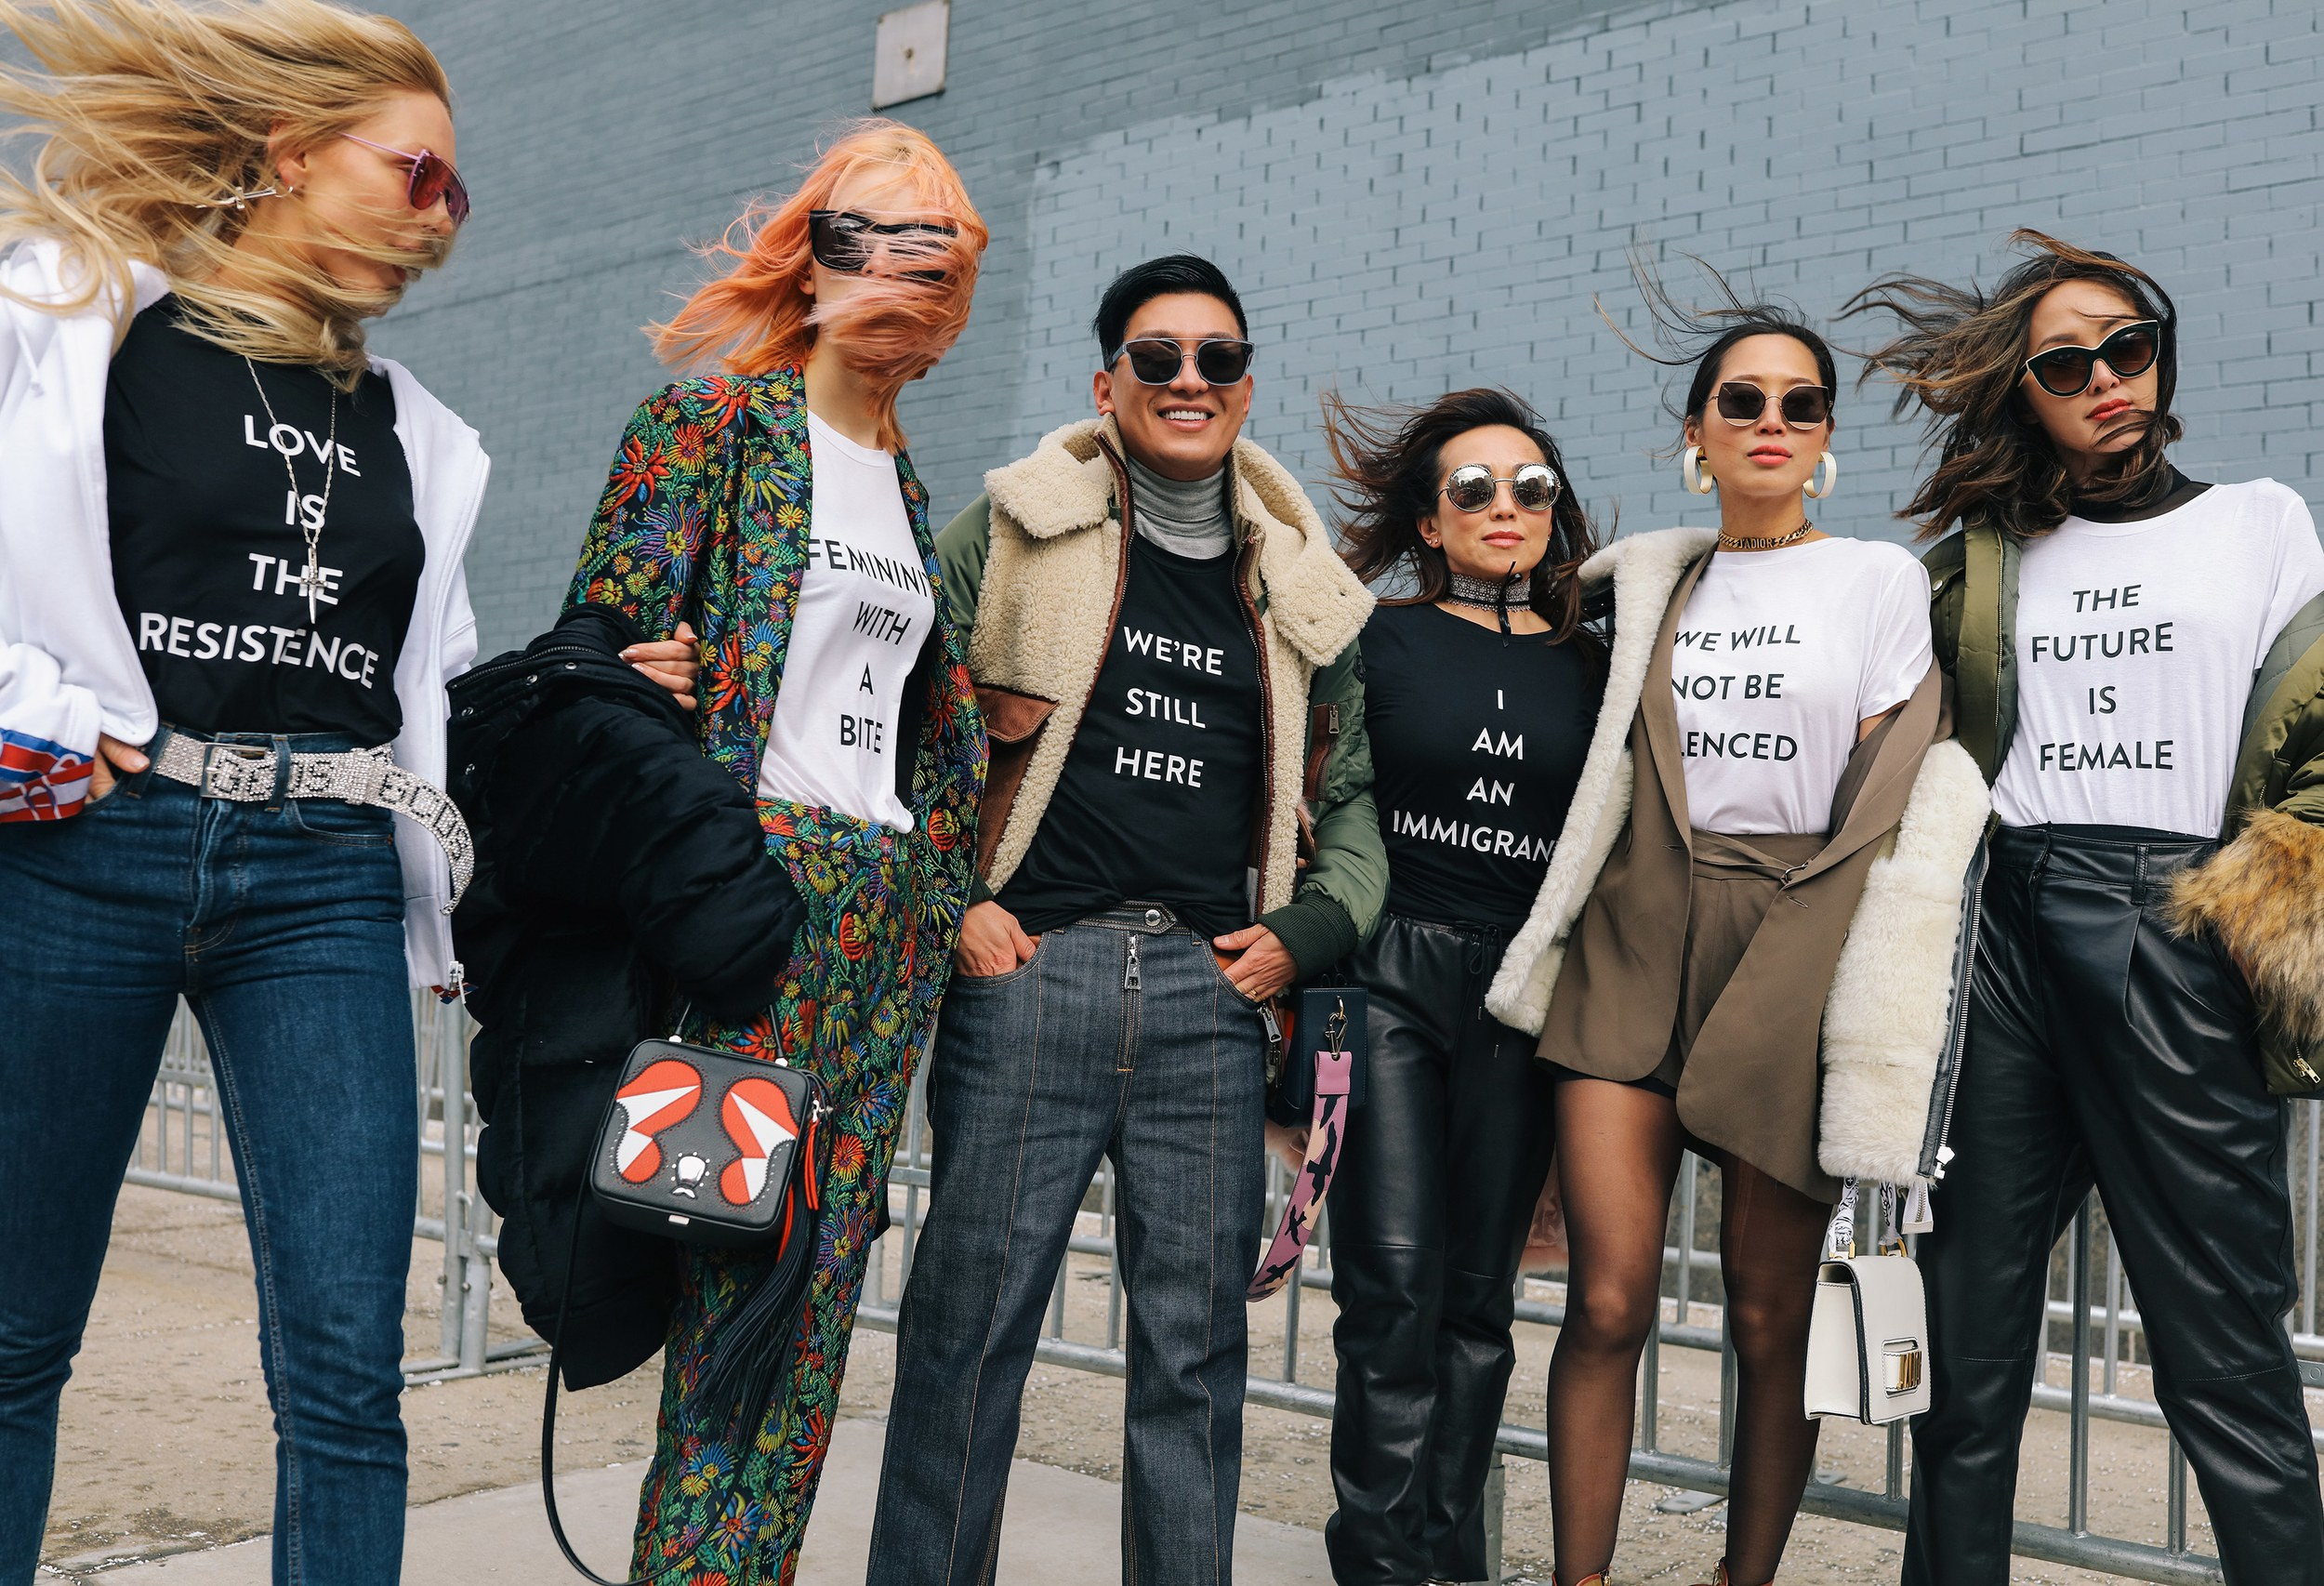 Chiêm ngưỡng đặc sản street style đẹp khó rời mắt tại Tuần lễ thời trang New York - Ảnh 1.